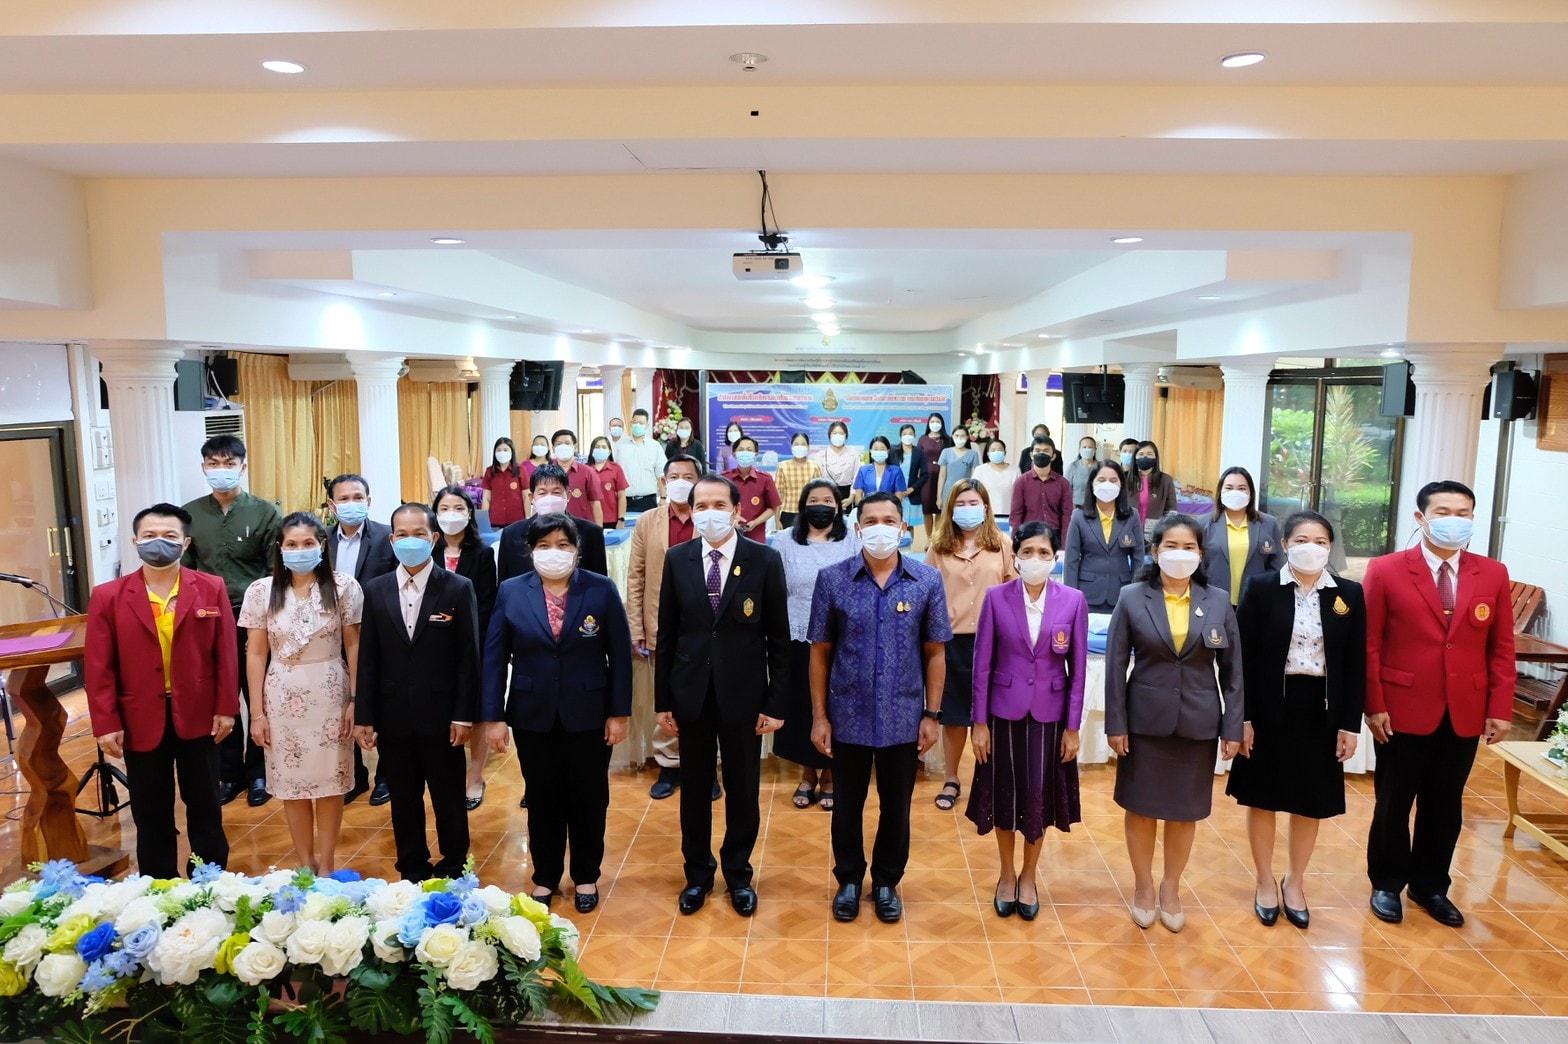 กองบริการการศึกษา มมส ประชาสัมพันธ์การรับสมัครนิสิตใหม่ ปีการศึกษา 2565  โครงการเด็กดีมีที่เรียน